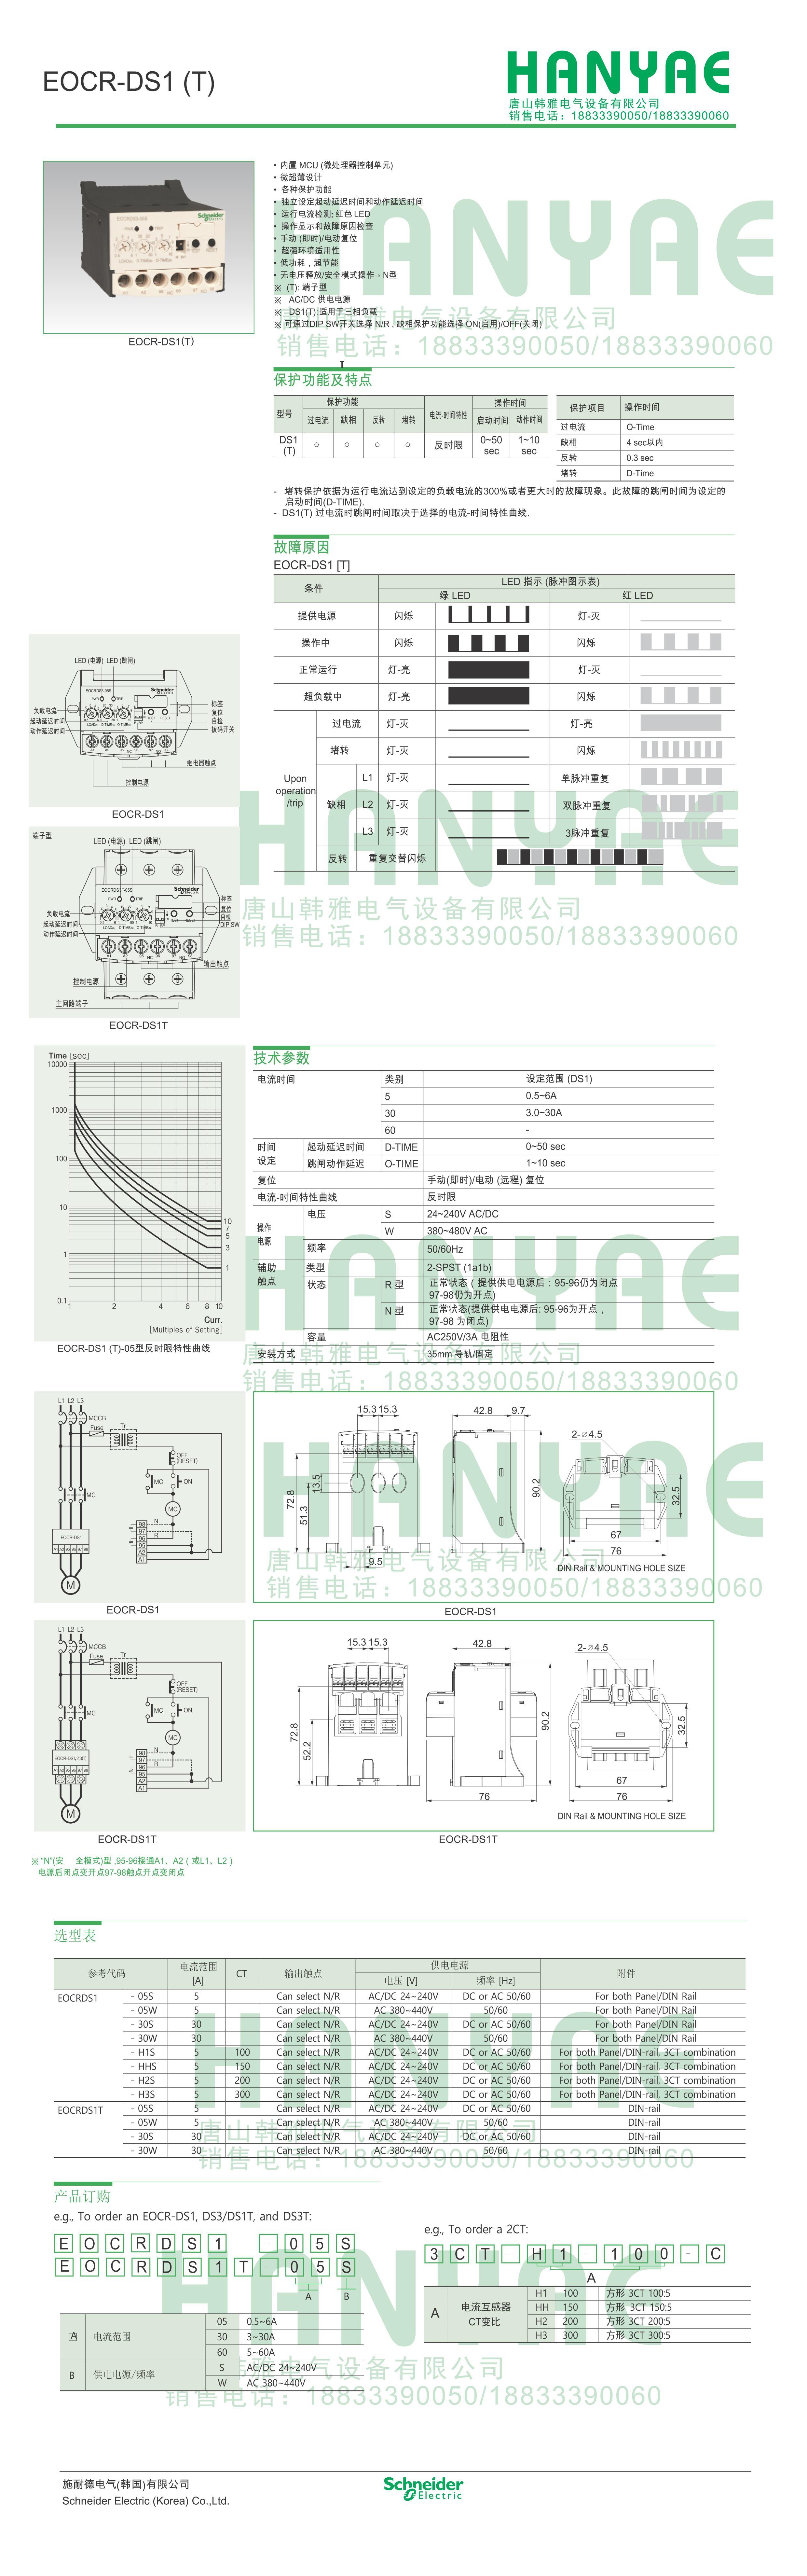 韩国EOCRDS1继电器 施耐德,韩国三和,韩国SAMWHA,电子式继电器,EOCR-DS1